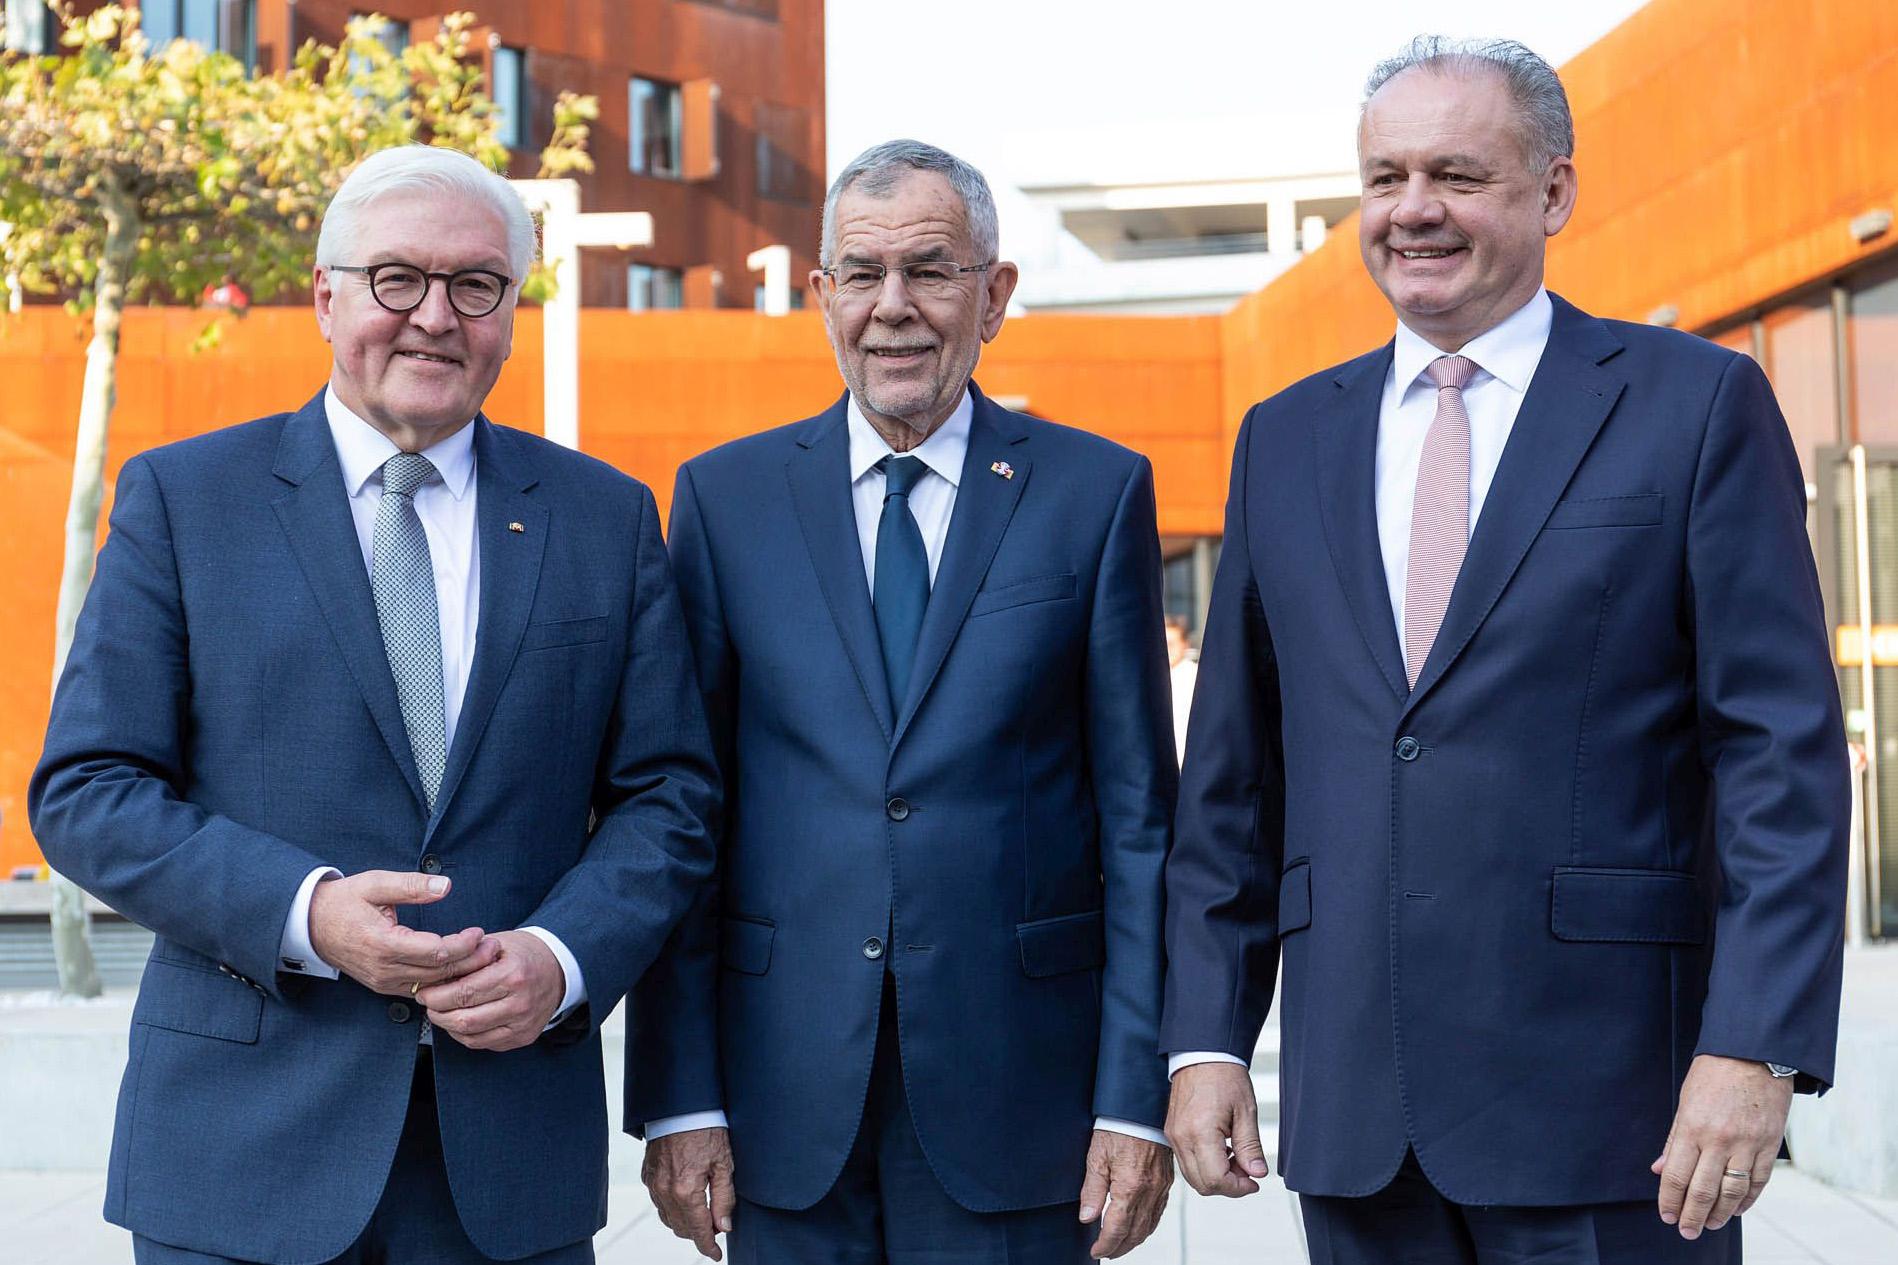 Gipfeltreffen der Präsidenten an der Wirtschaftsuniversität Wien (vlnr) Frank-Walter Steinmeier (Deutschland), Alexander van der Bellen (Österreich) und Andrej Kiska (Slowakei). © WU